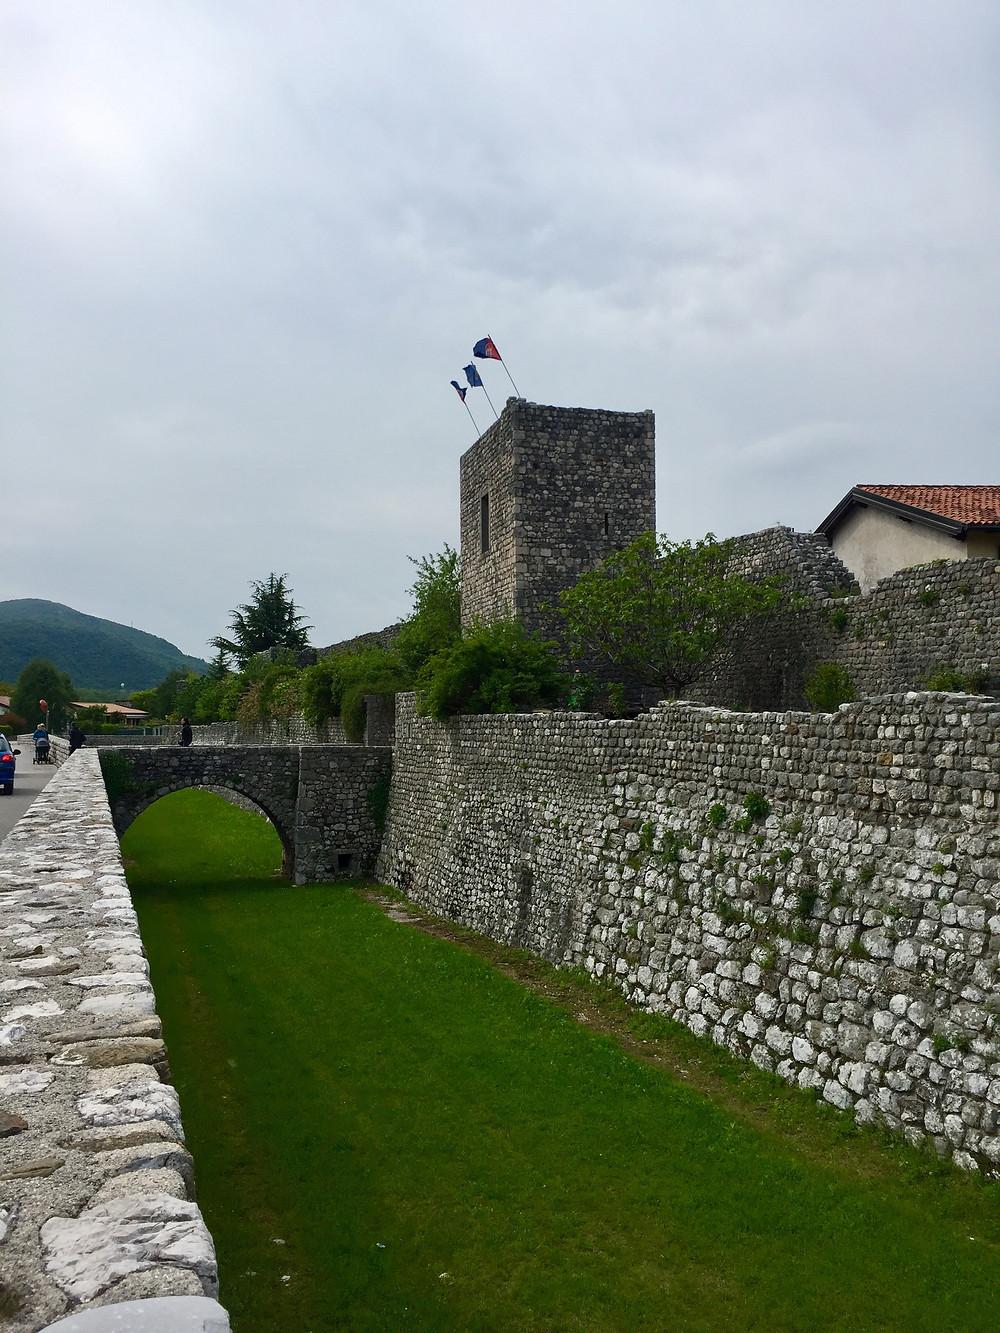 De dubbele stadsmuren met wat ooit de slotgracht was